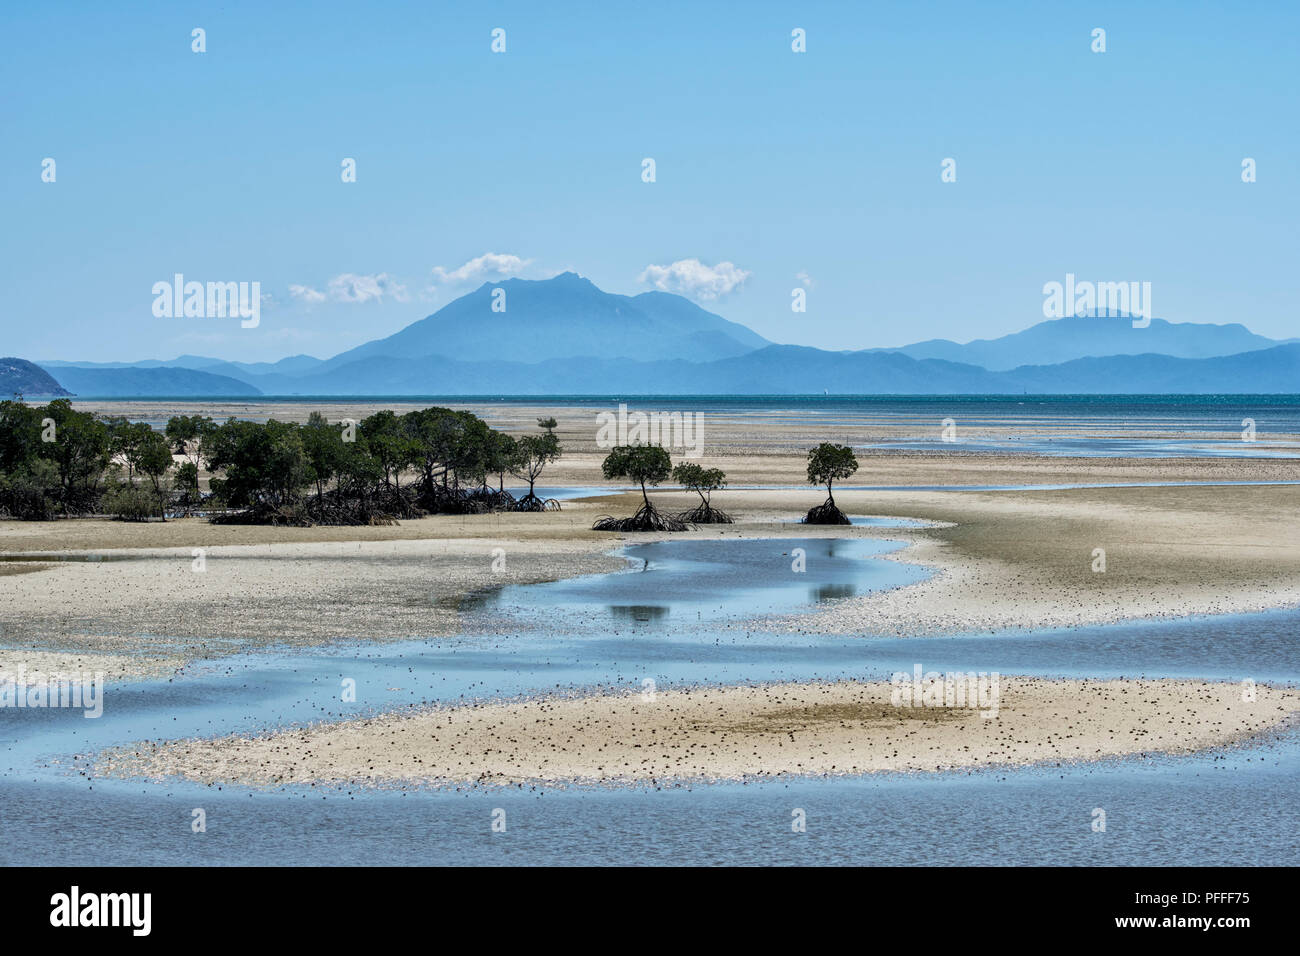 Vue panoramique de Yule Point près de Port Douglas, l'extrême nord du Queensland, Australie, Queensland, FNQ Photo Stock